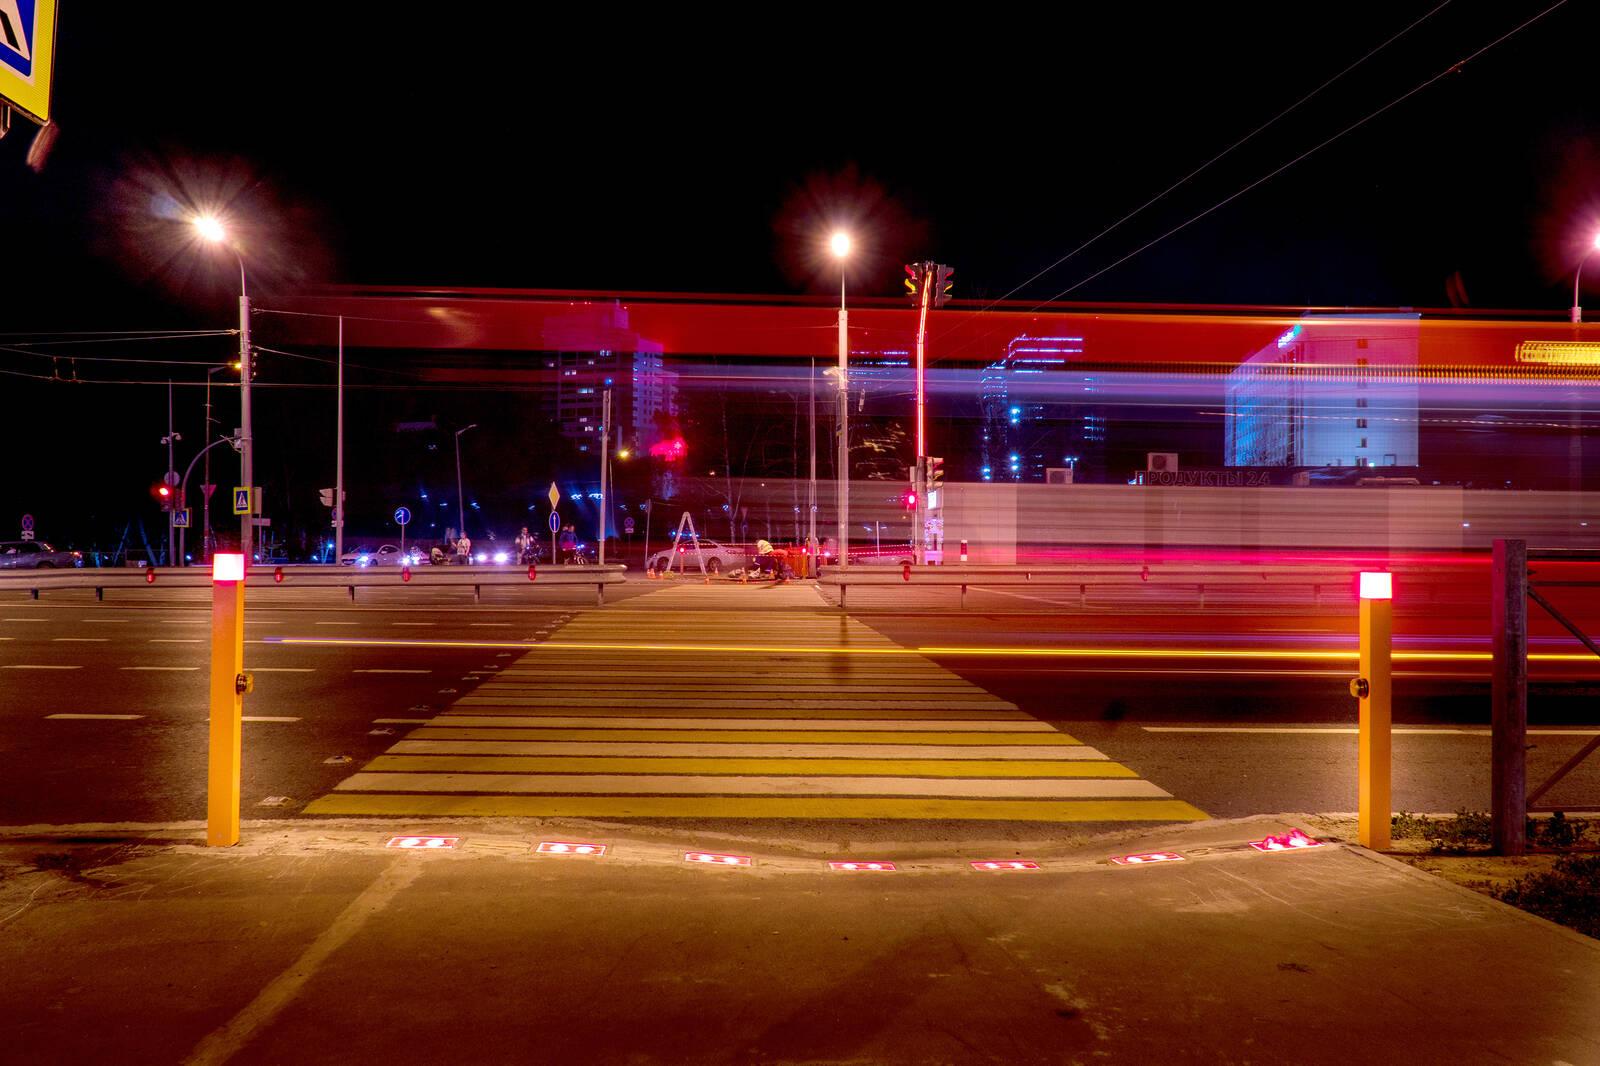 Цифровой перекресток Казани: как в городе внедряют технологии безопасности на дорогах